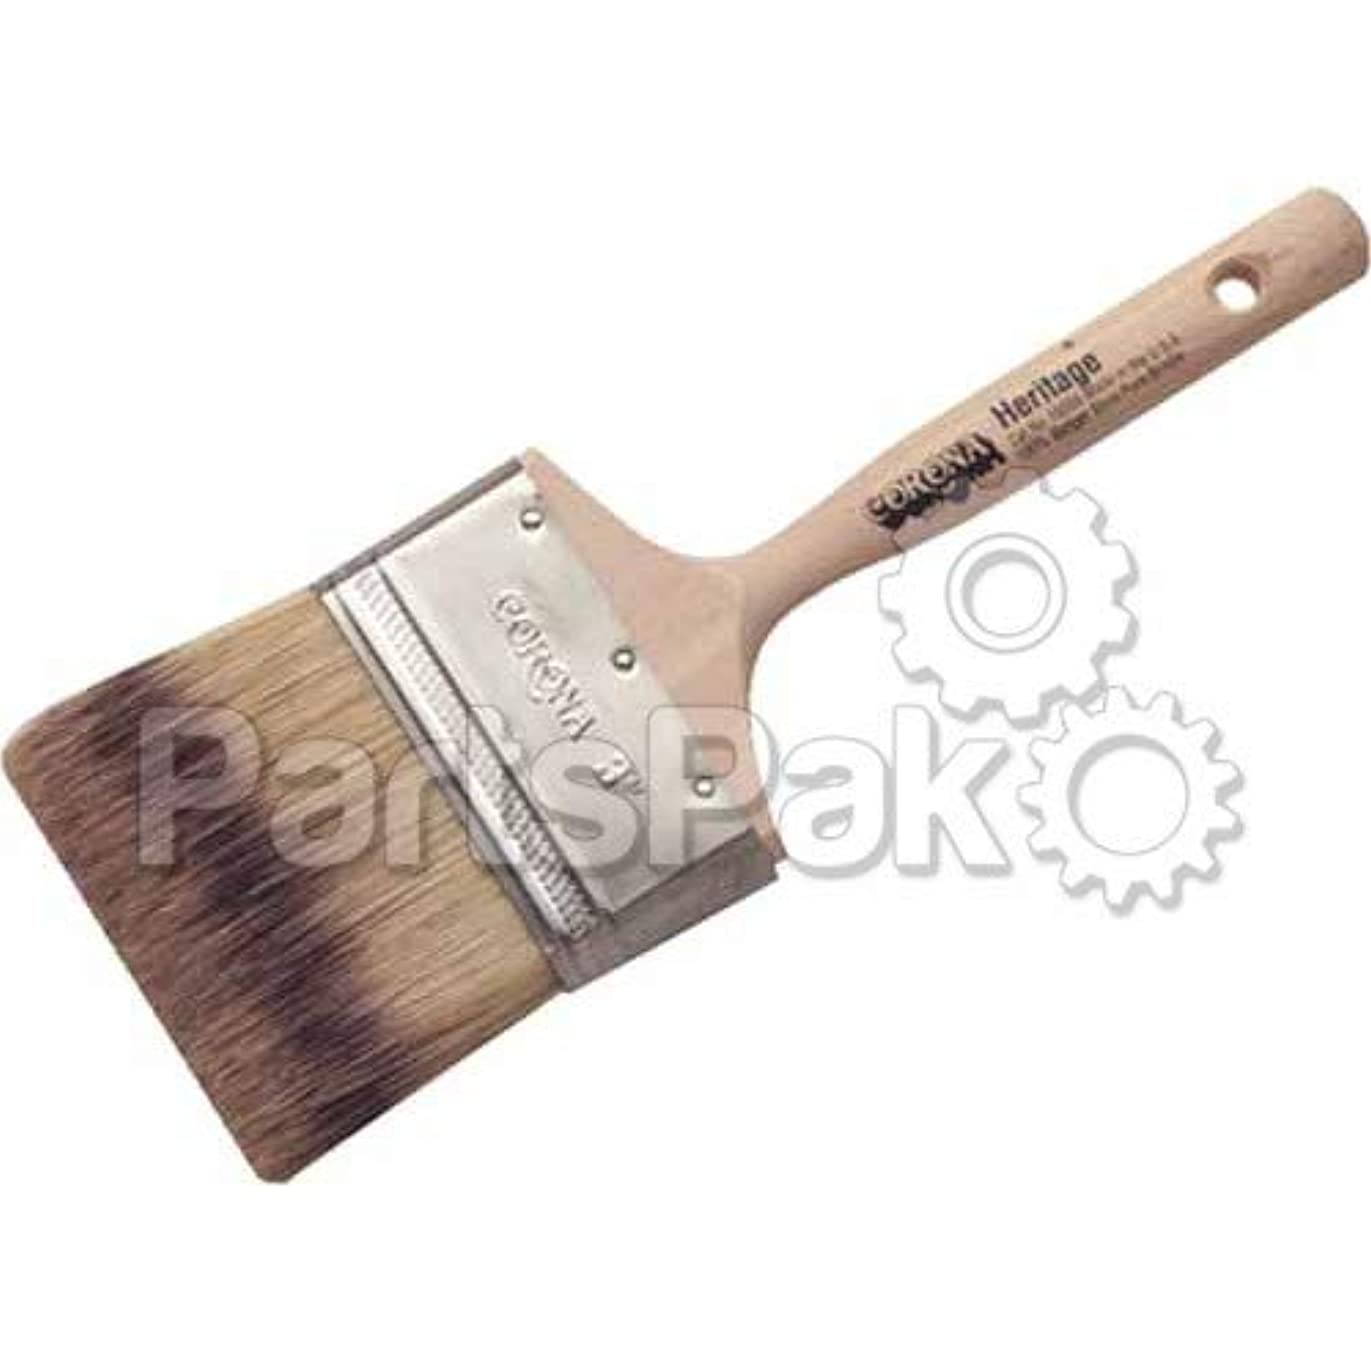 一貫性のない失礼なくCorona Brushes 160553 3 Heritage Badger Brush